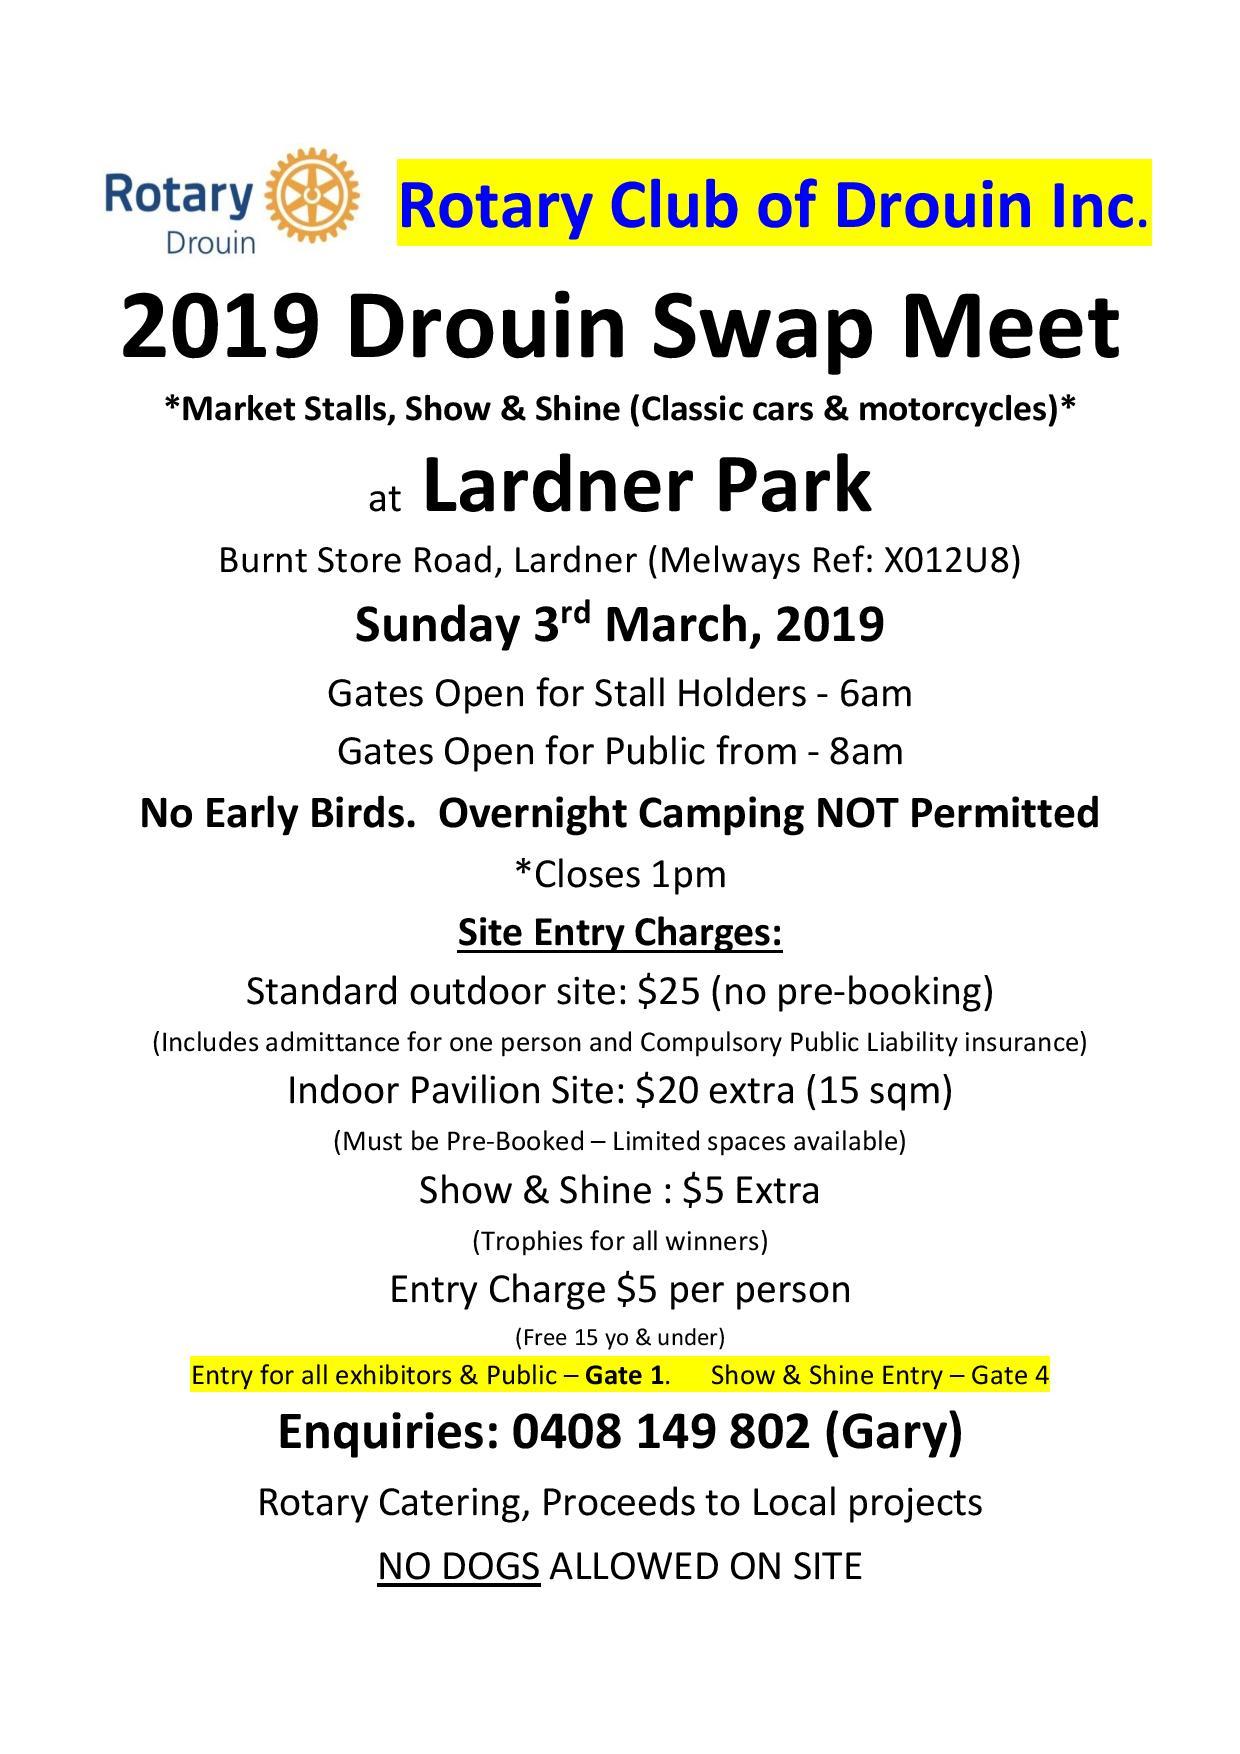 DROUIN SWAP MEET FLYER 2019.jpg